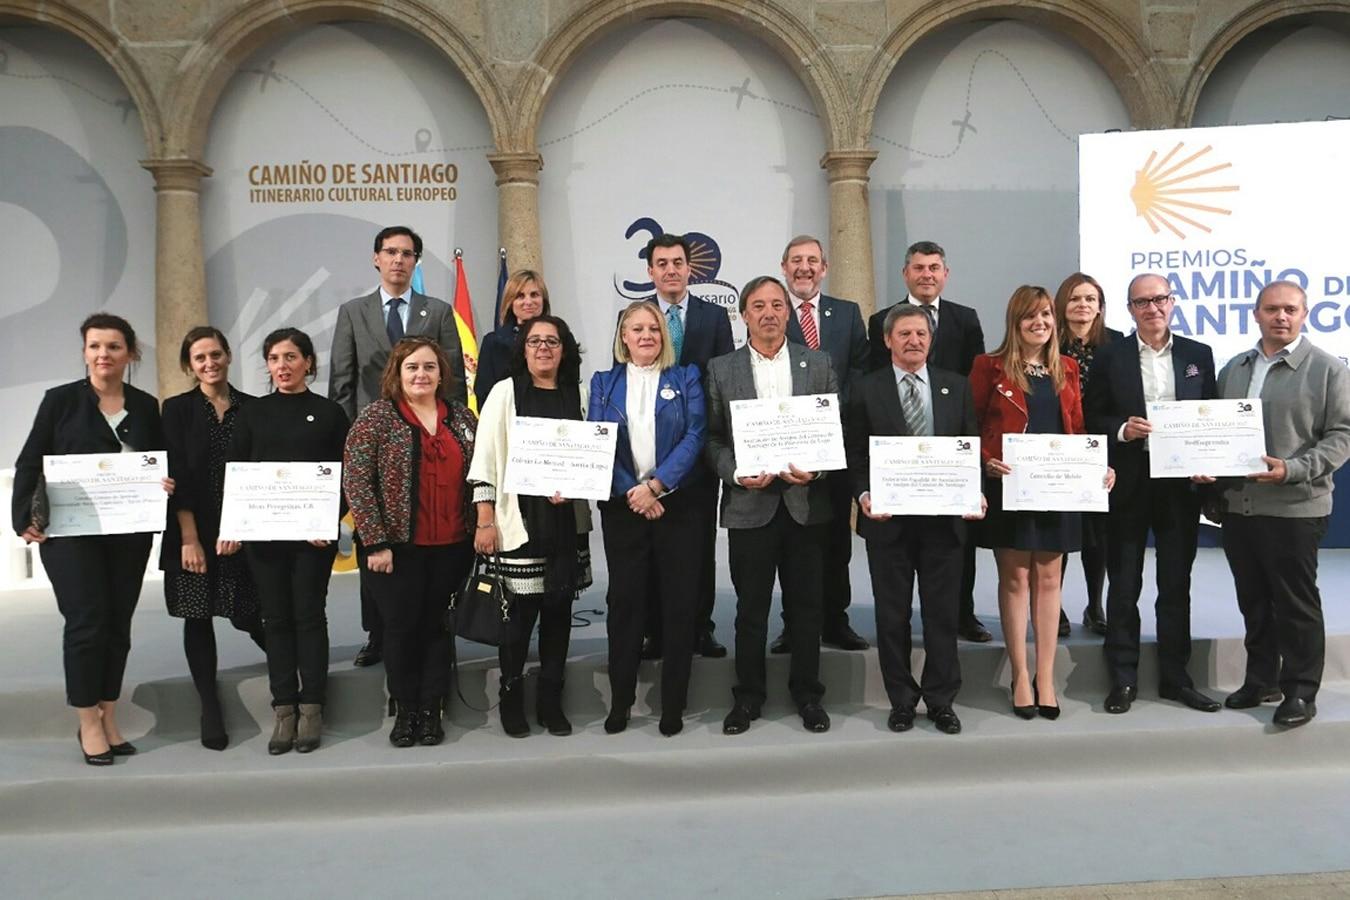 Somos premio Camino de Santiago 2017